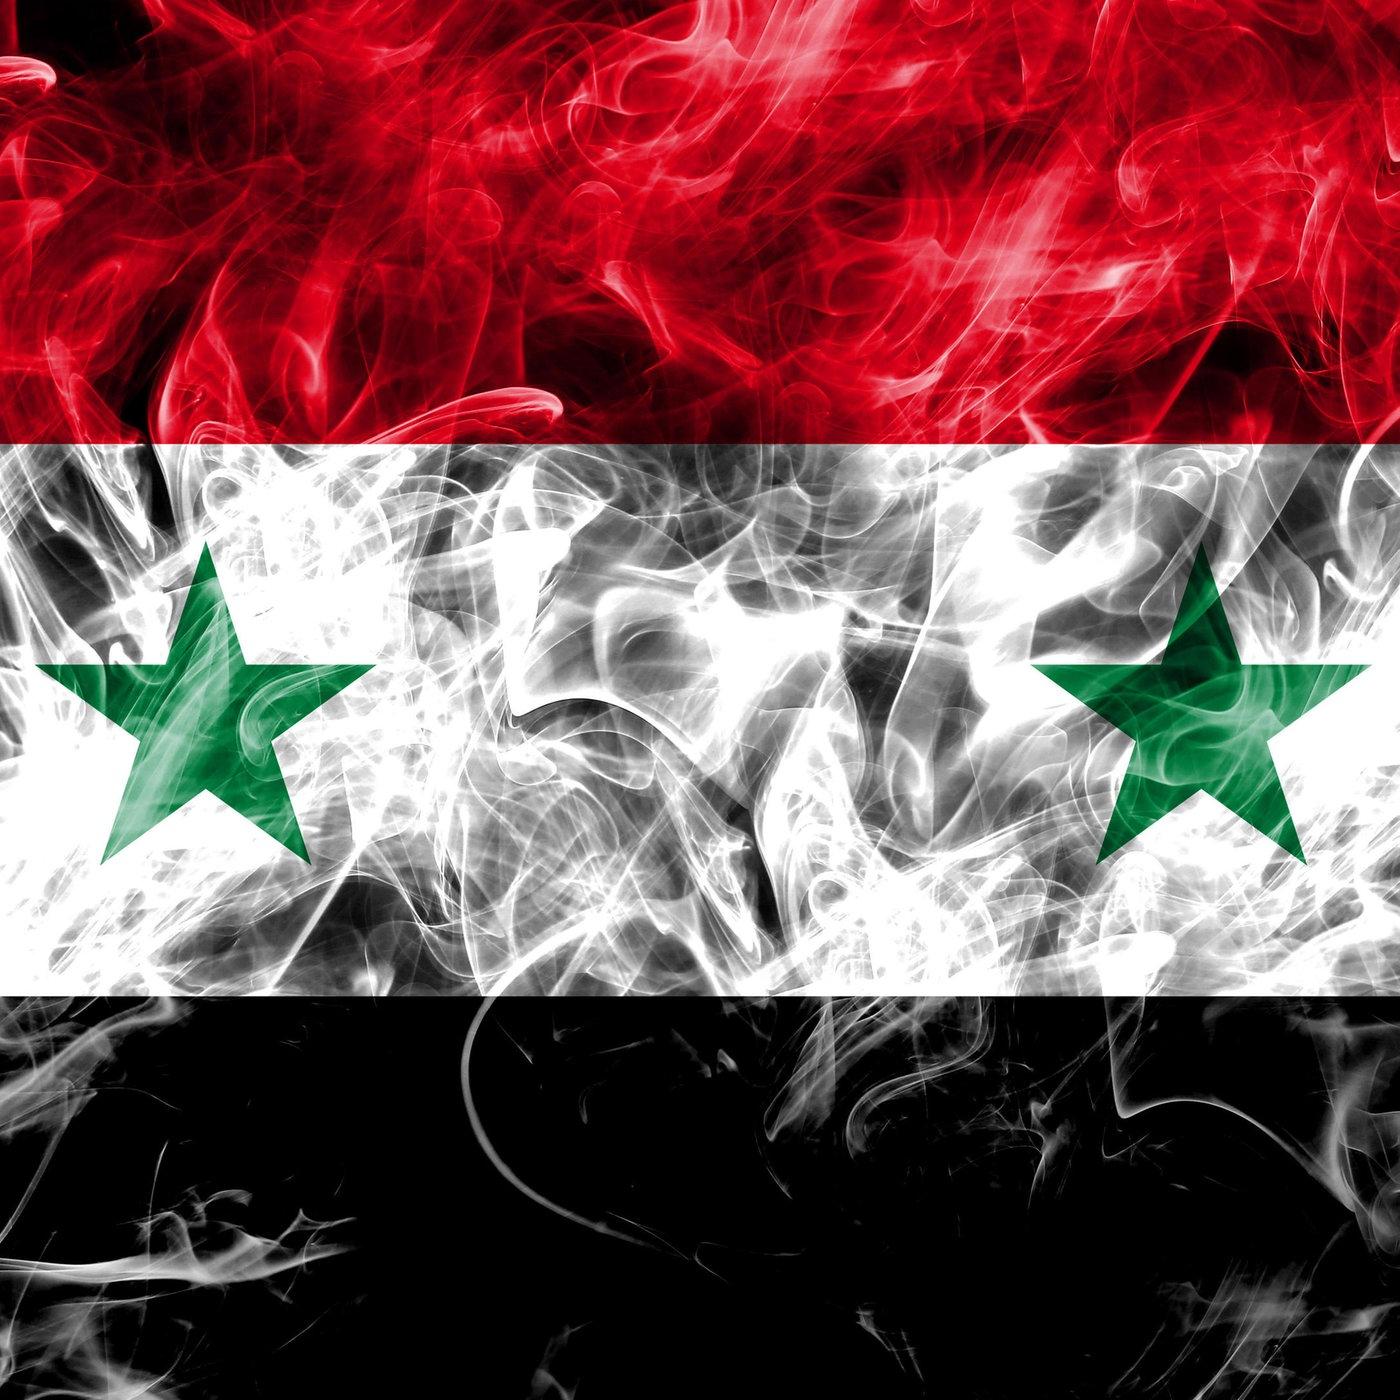 Gott ist nicht schüchtern (1/4): Syrischer Frühling